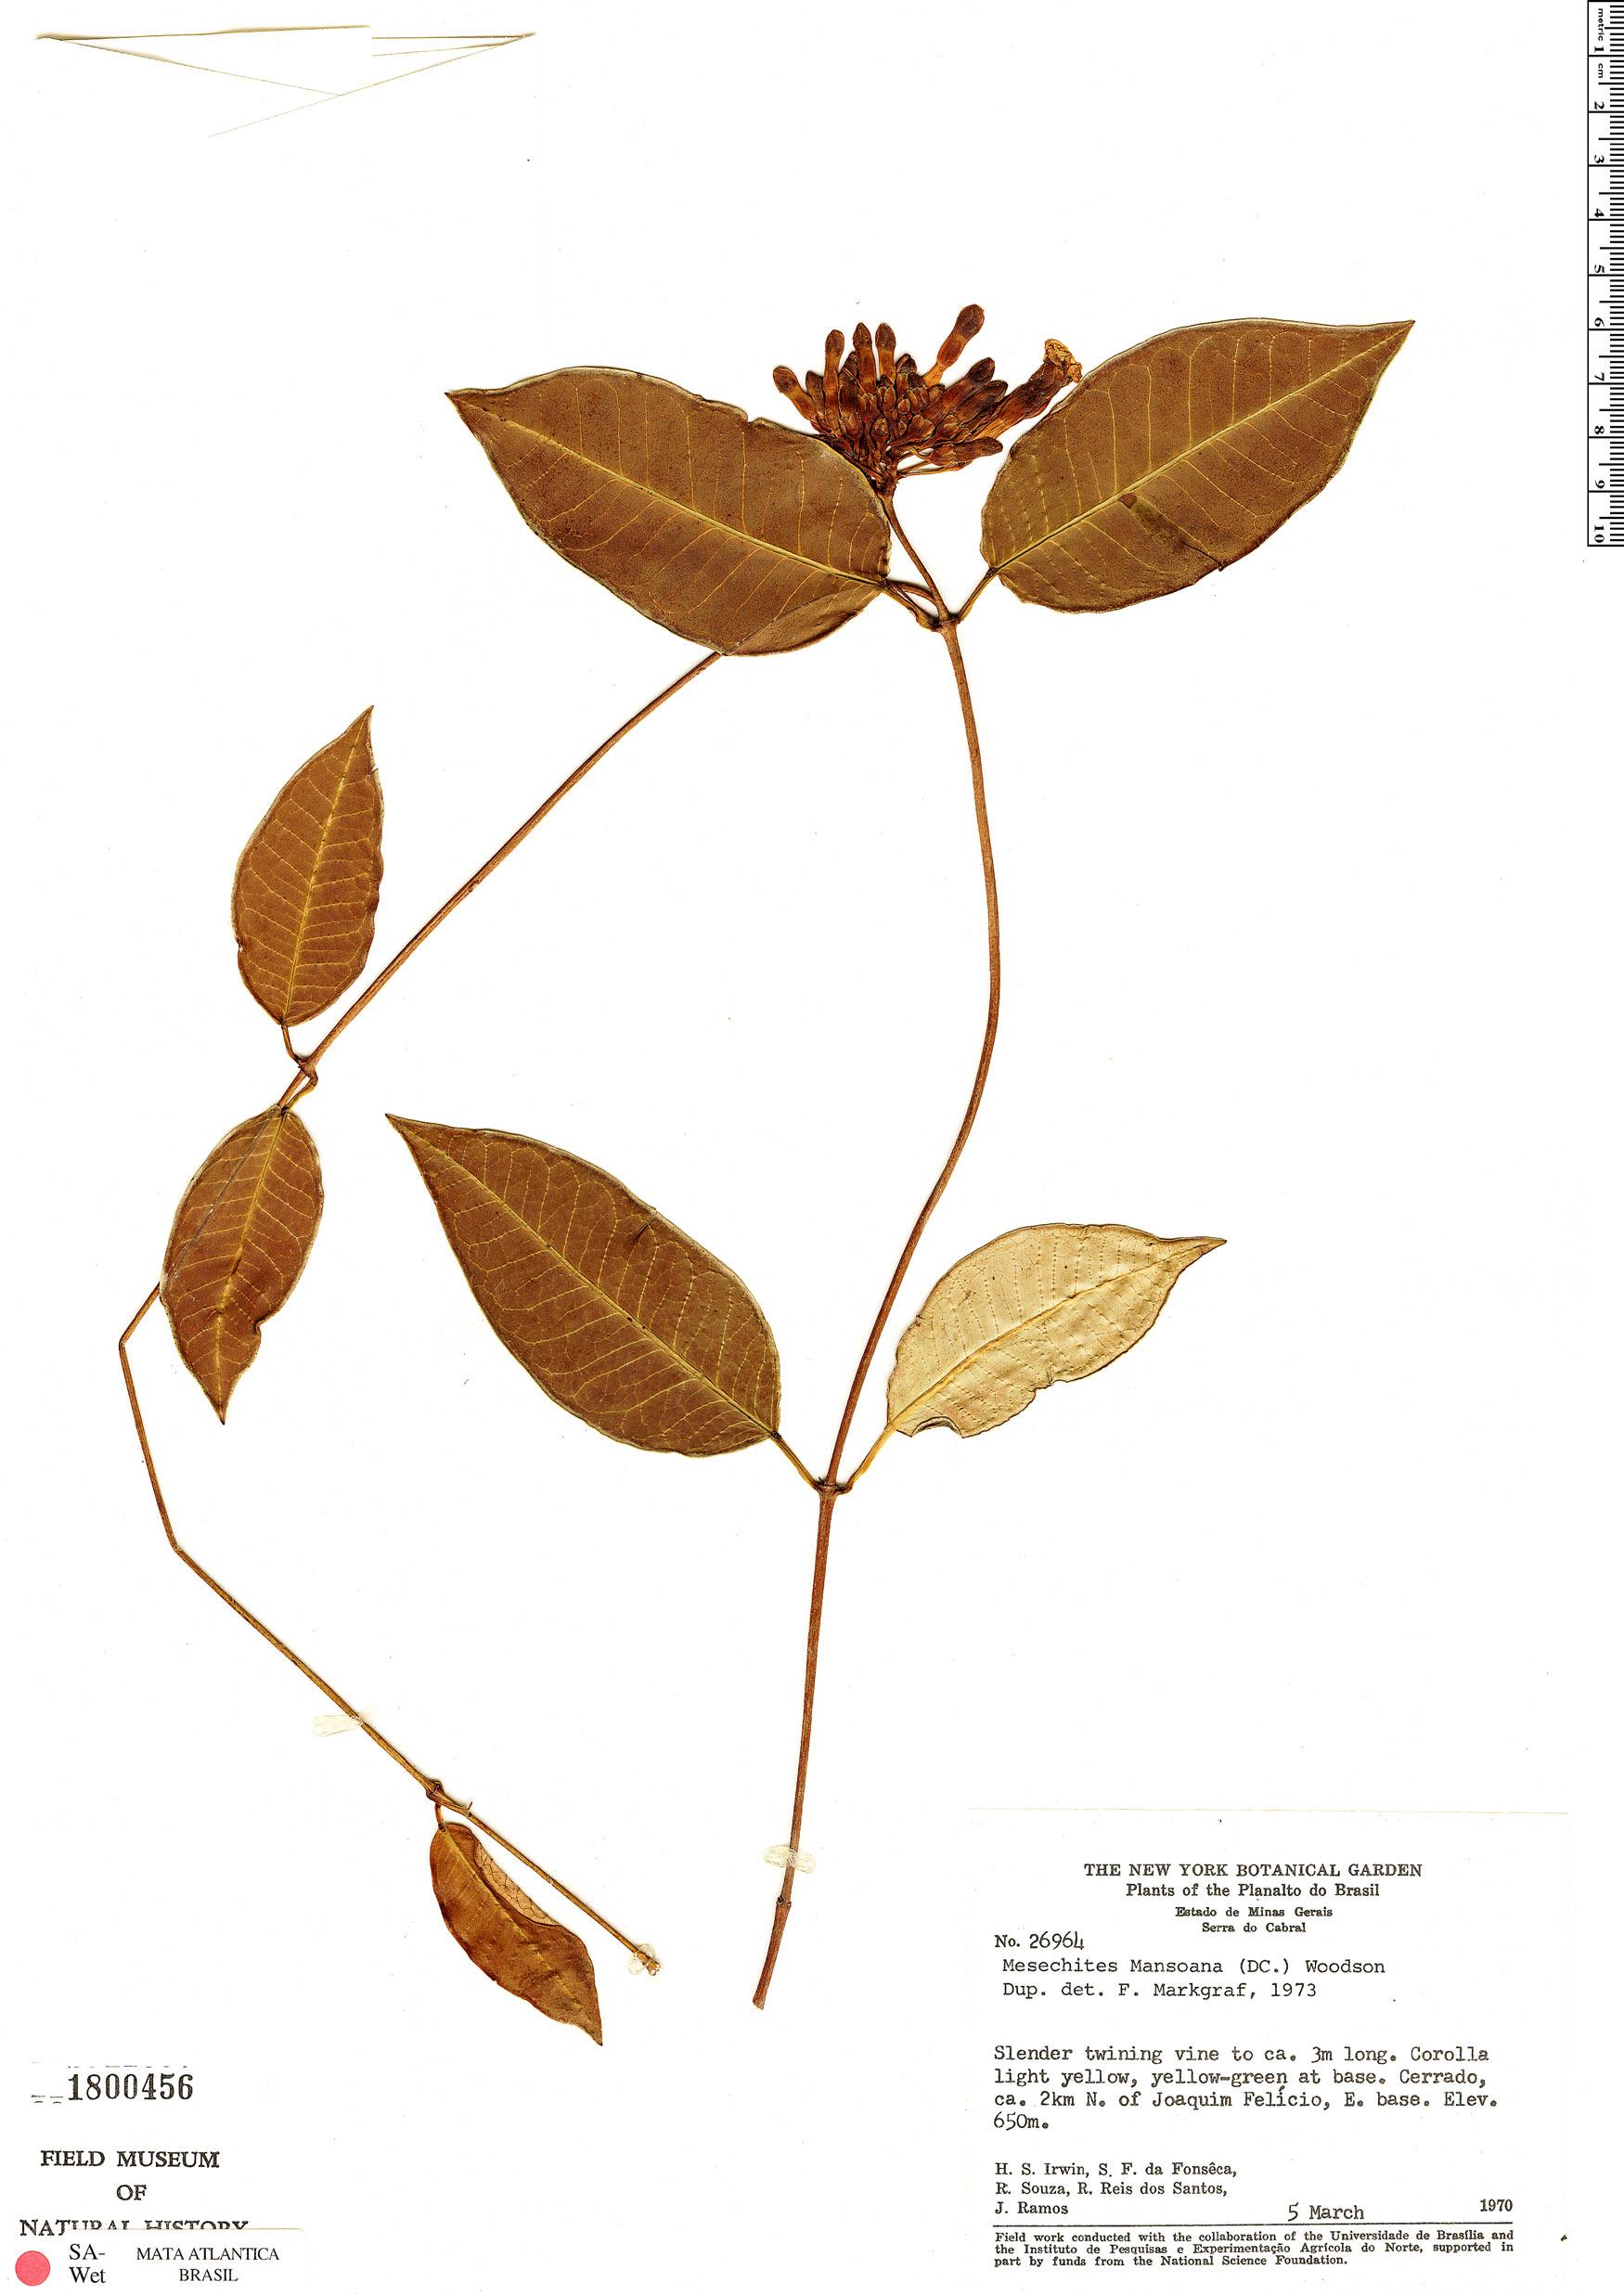 Specimen: Mesechites mansoanus